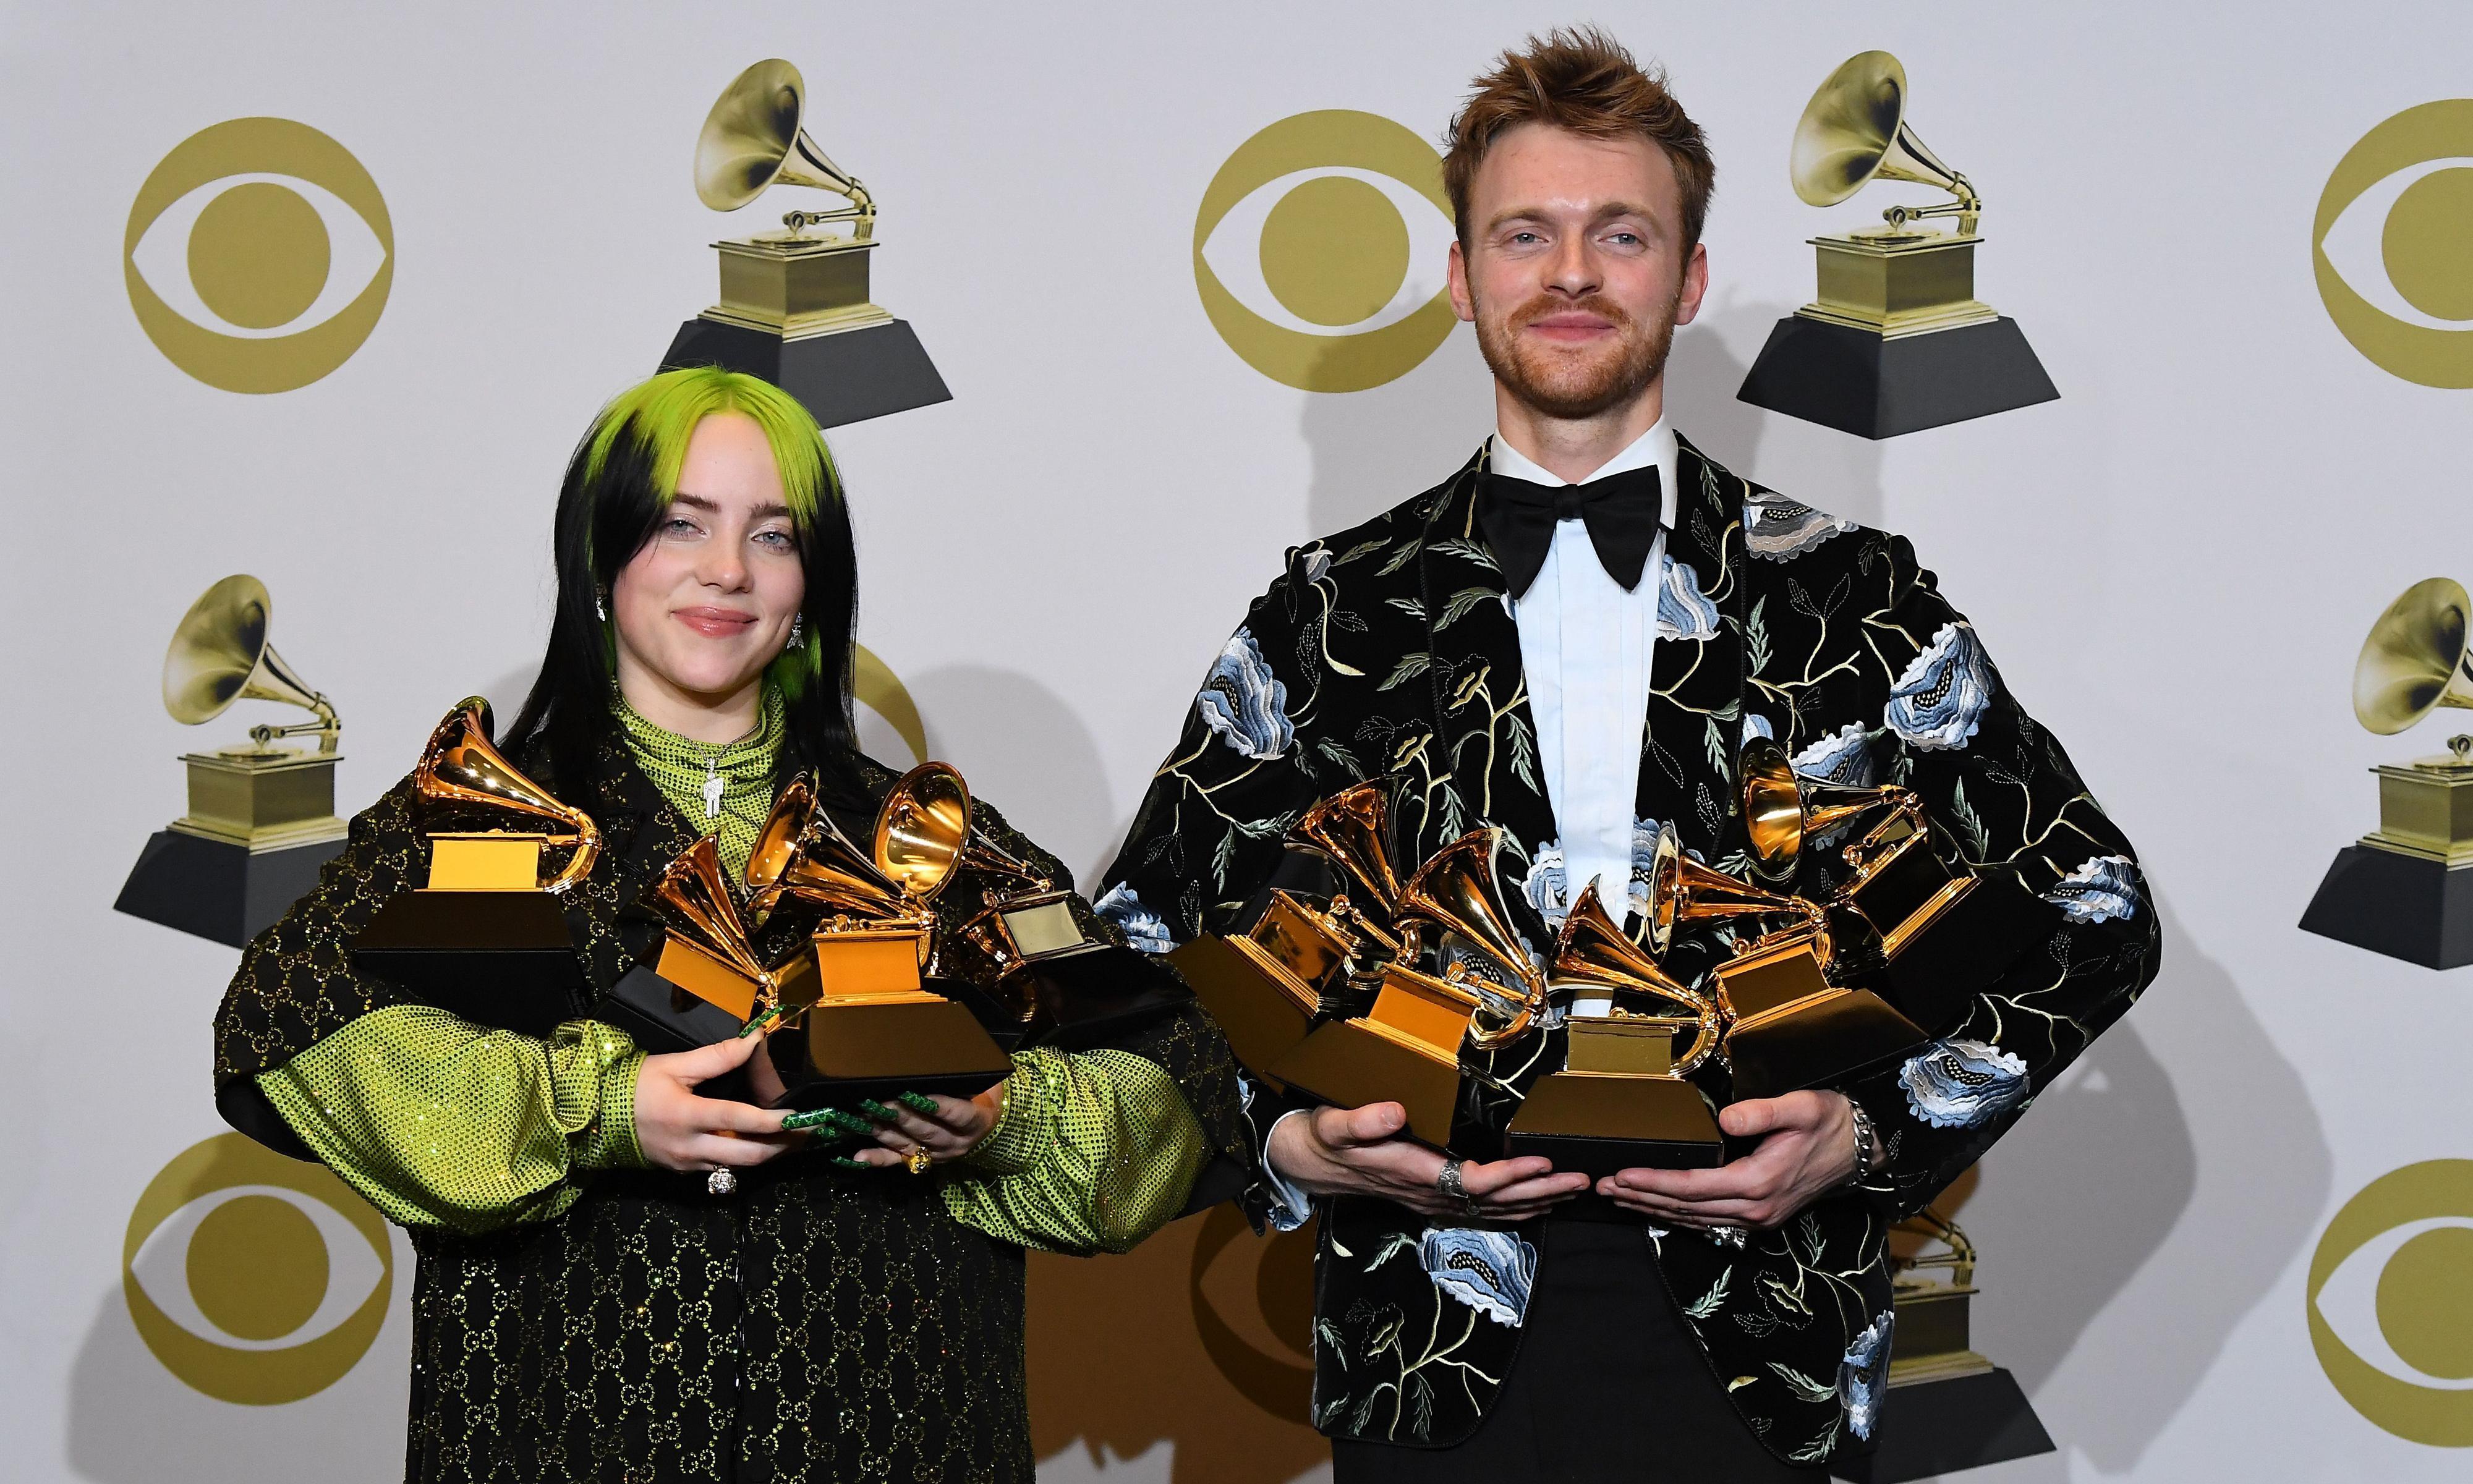 Grammys 2020: Billie Eilish's triumph overshadowed but well-deserved